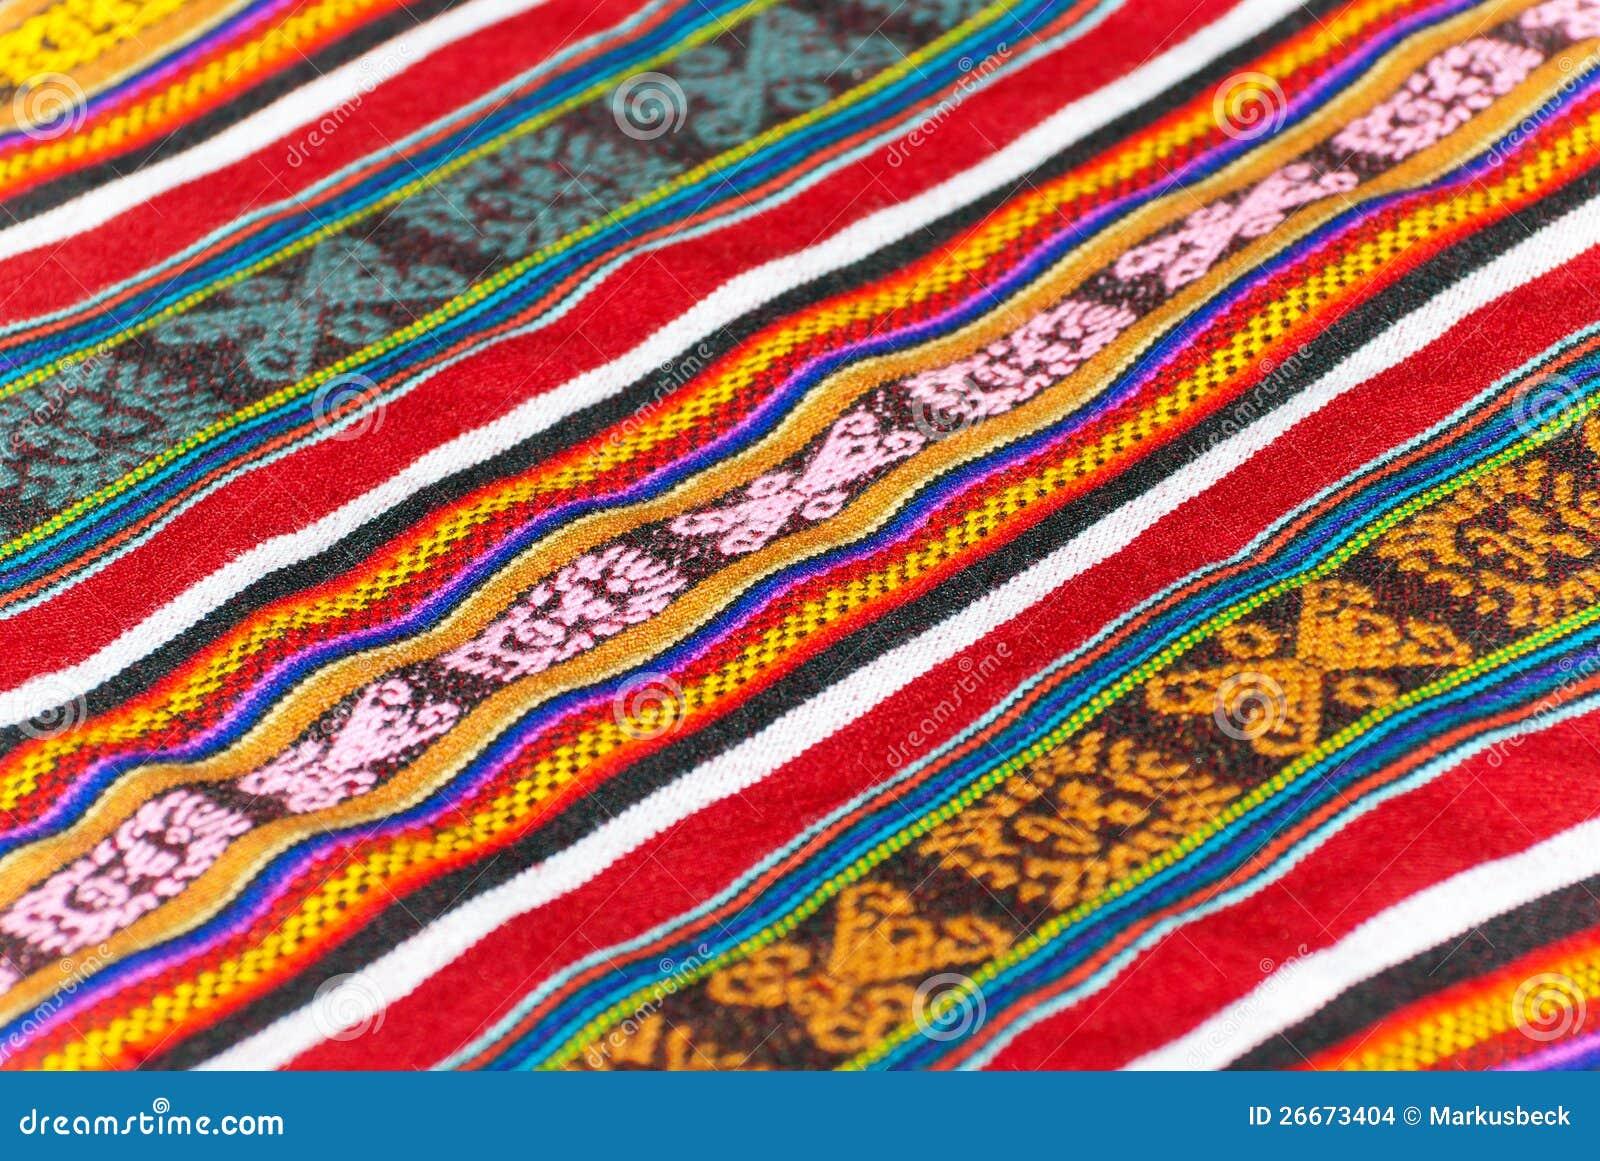 Coperta peruviana variopinta fotografia stock immagine for Disegni di coperta inclusi